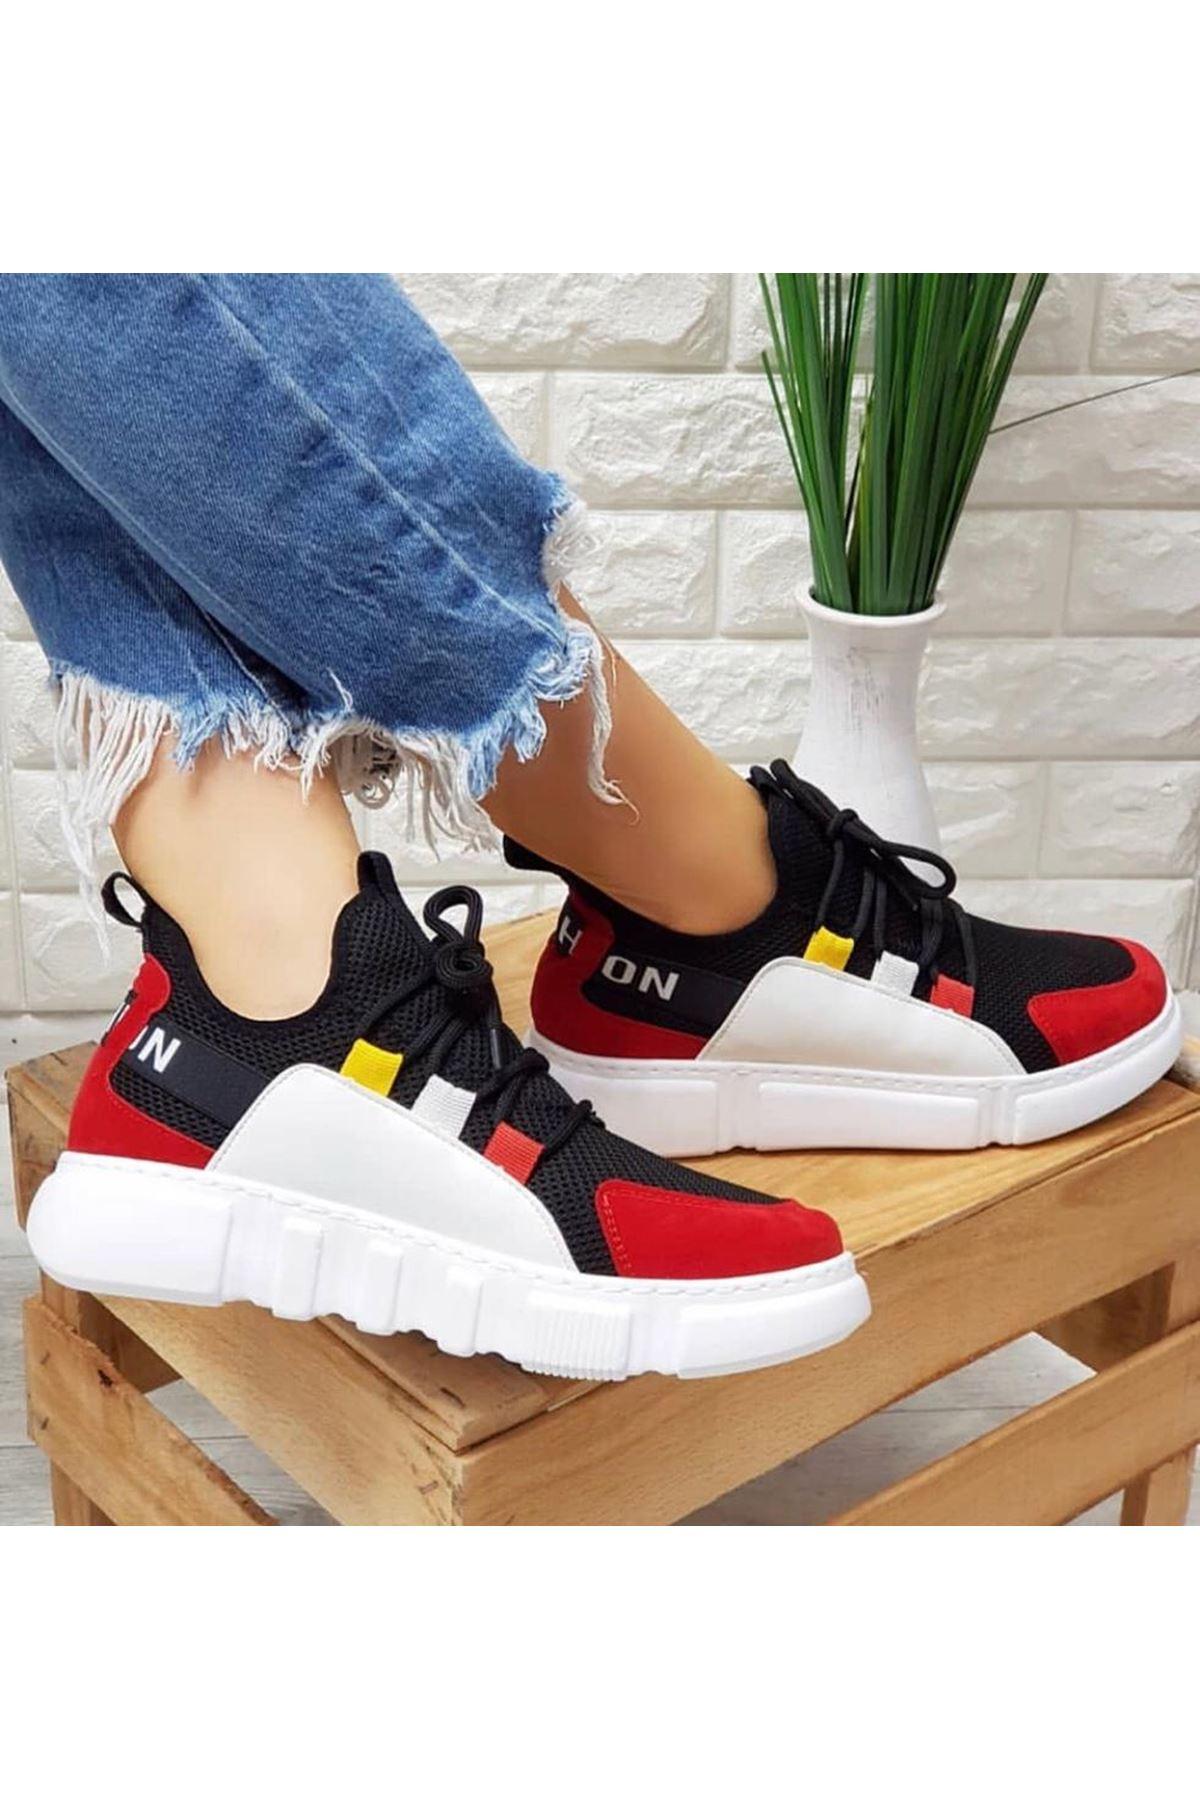 Weşşo Siyah Kırmızı Bayan Spor Ayakkabı